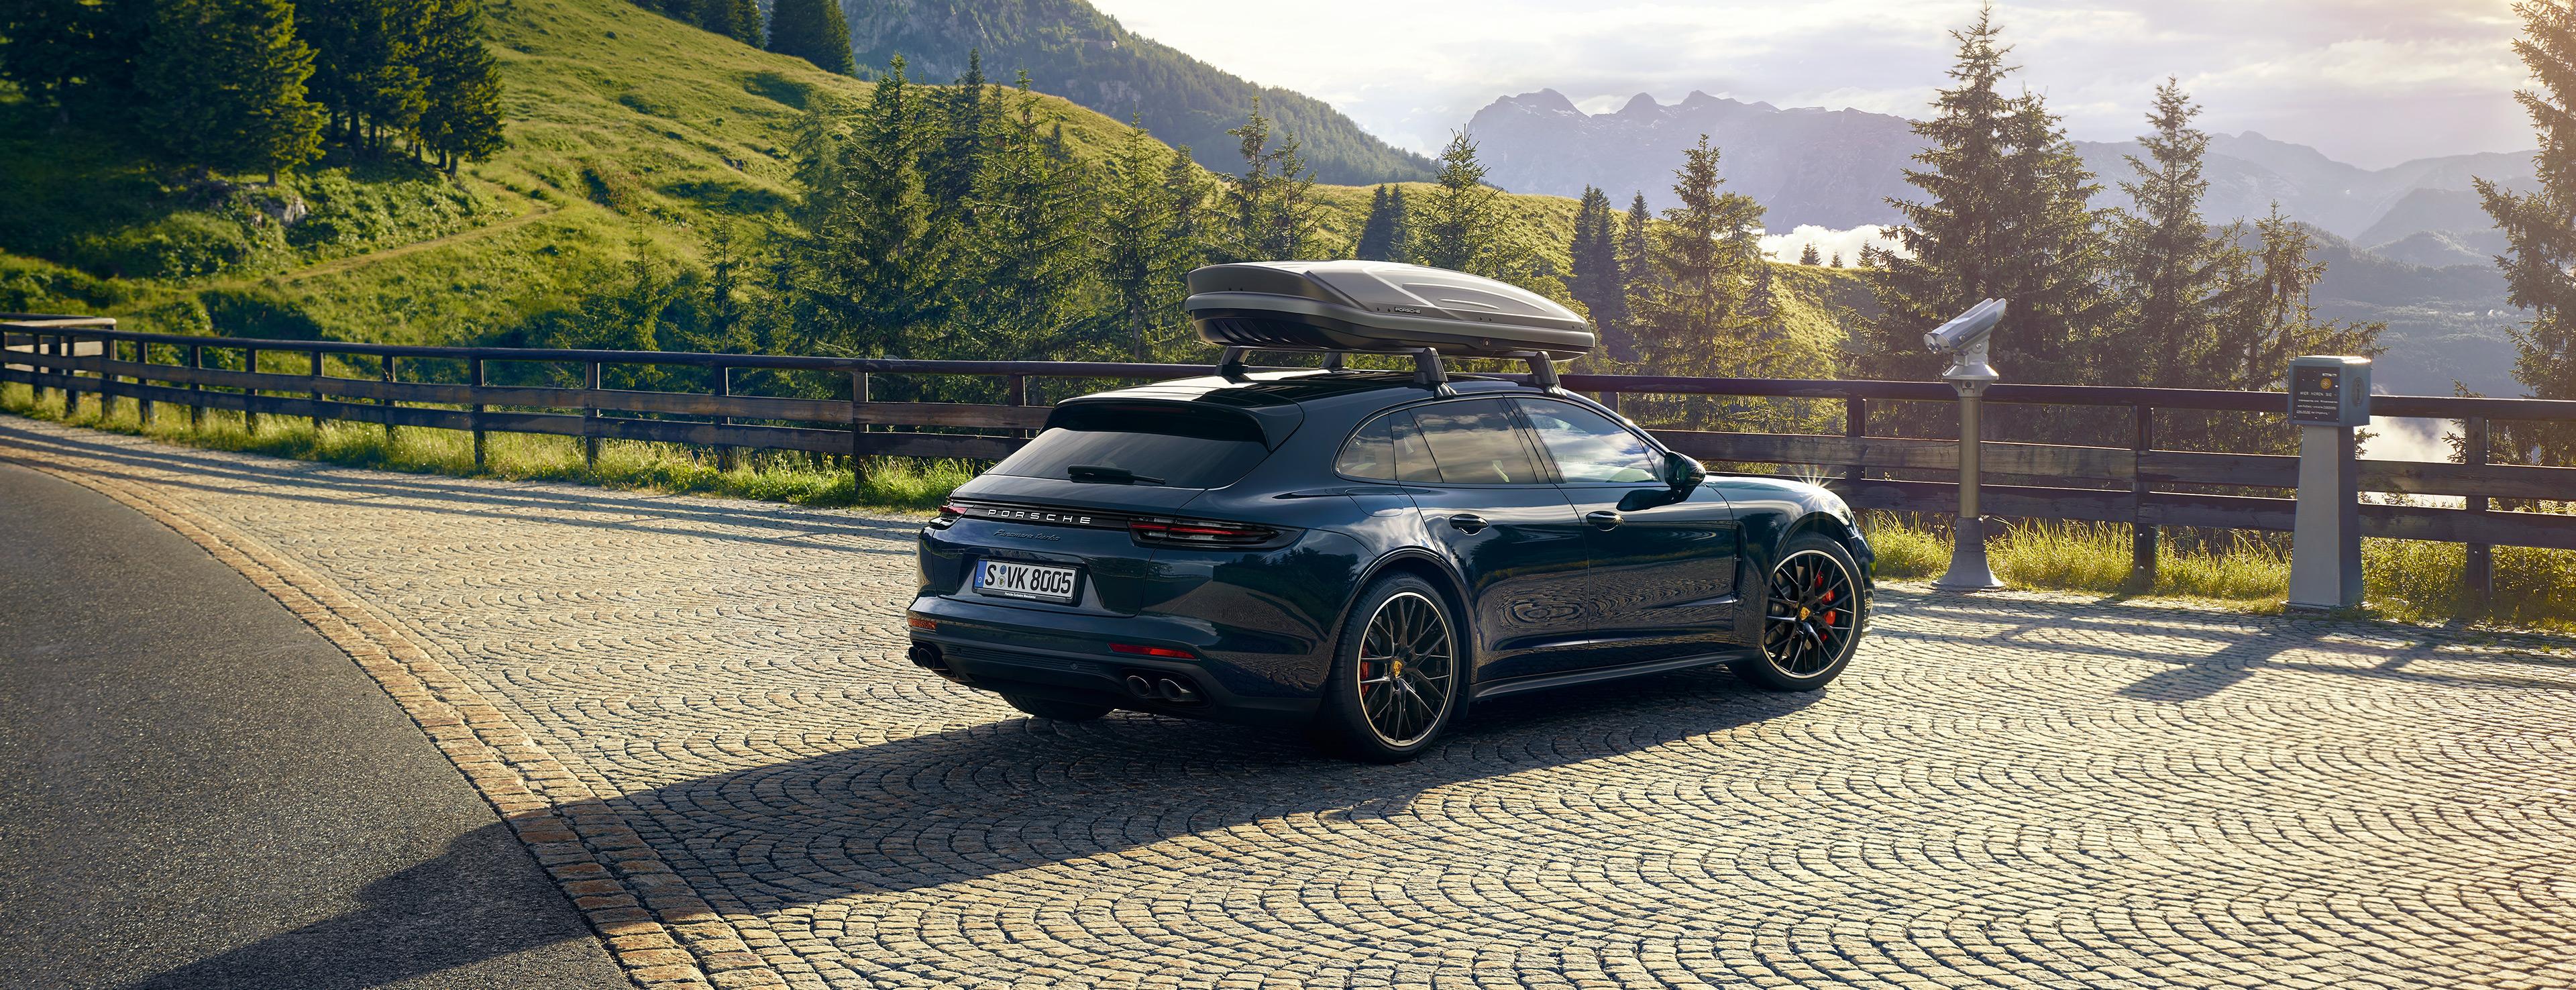 exquisite design quality biggest discount Porsche Genuine Porsche Tequipment Accessories - Porsche USA